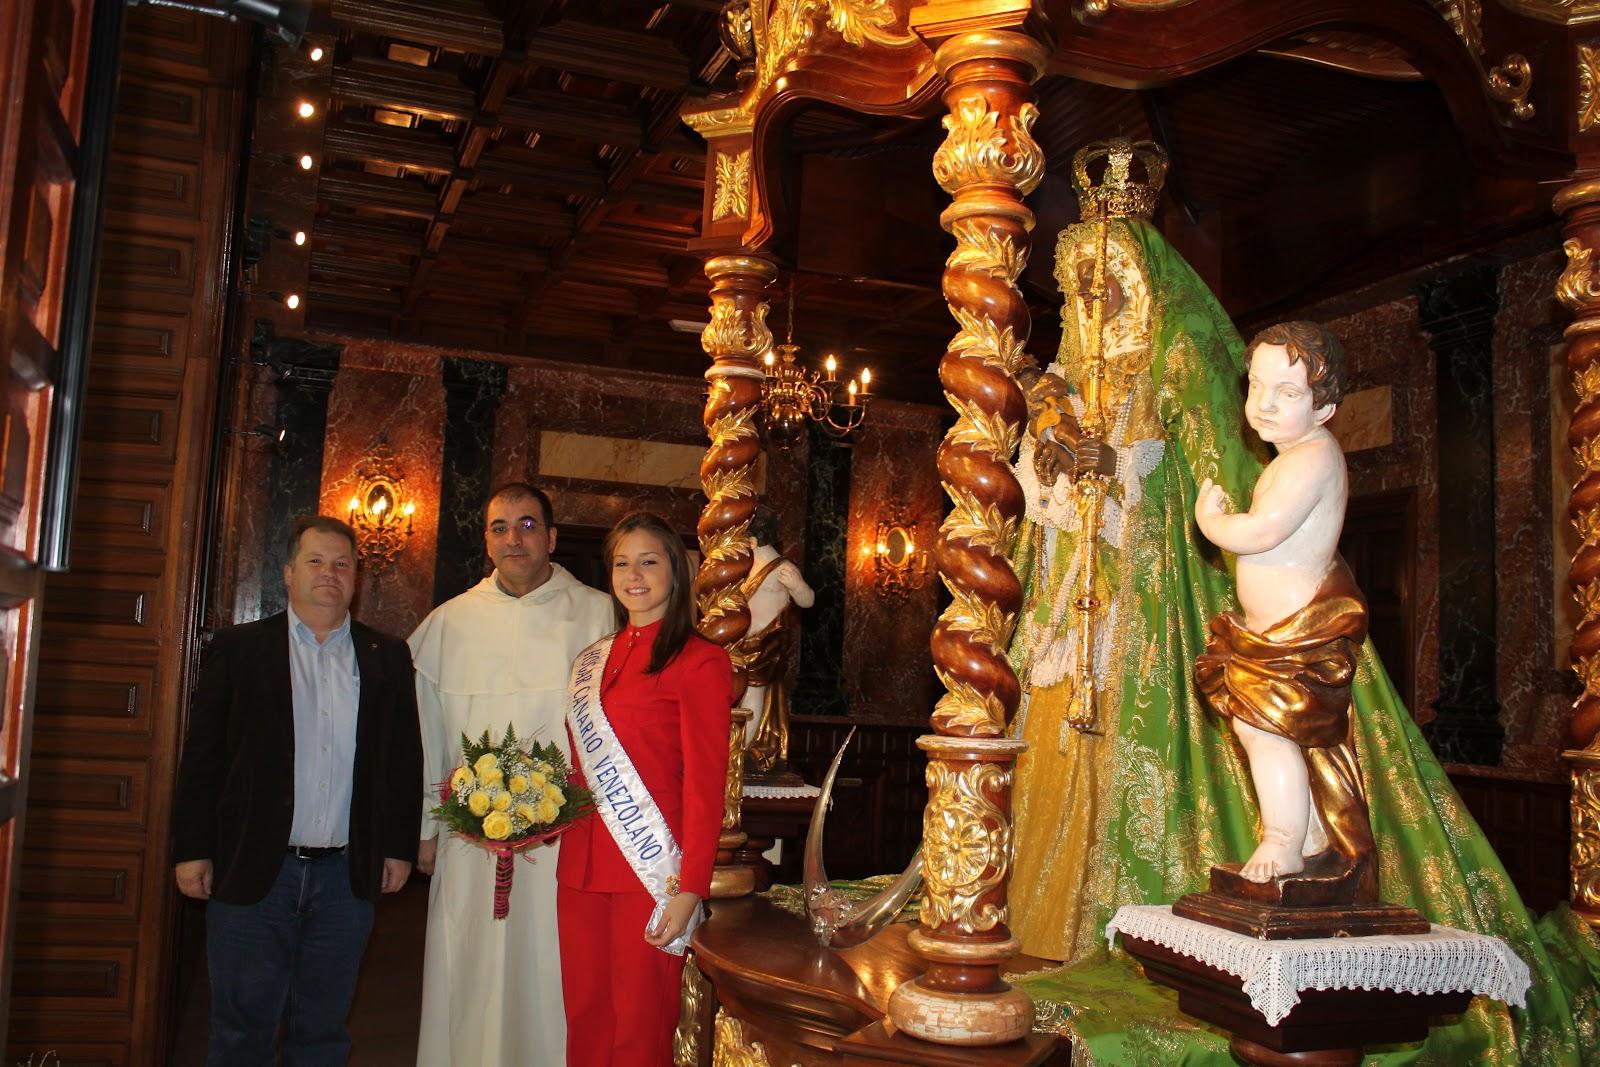 http://4.bp.blogspot.com/-efa4E4wPdmo/T0T36YbcmLI/AAAAAAAAAQQ/inzuc0jXcls/s1600/Visita+reina+hogar+canario+venezolano+2012_2.JPG